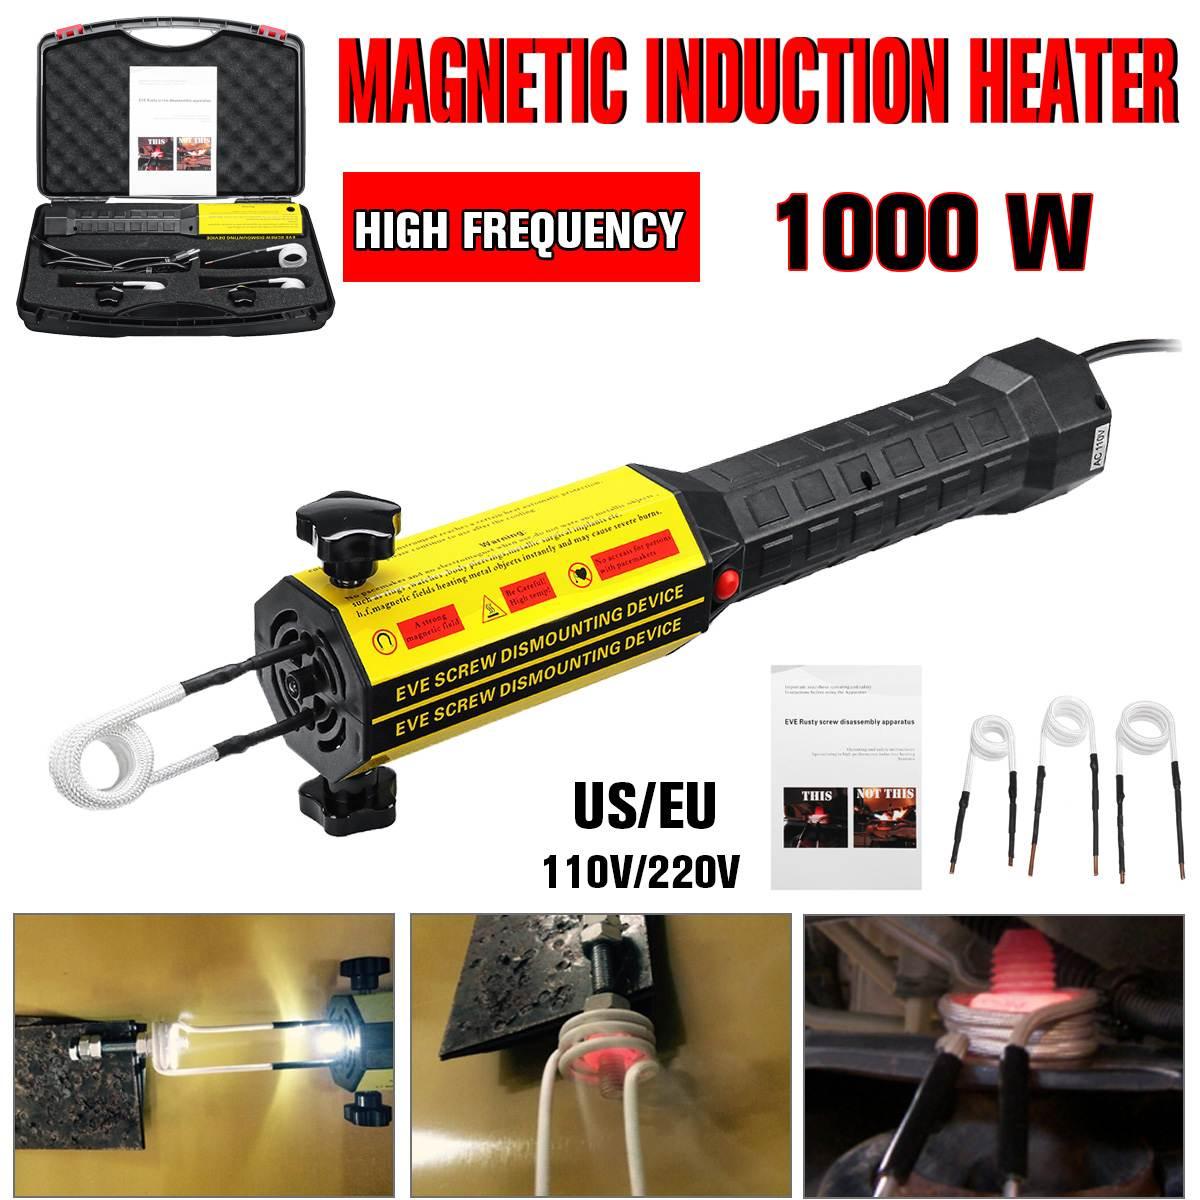 Parafuso Aquecedor de indução de Calor Desmontador Aquecedor De Indução Magnética 220 V/110 V Parafuso Parafuso Ferramenta Removedor Ferramenta de Reparo Da Máquina